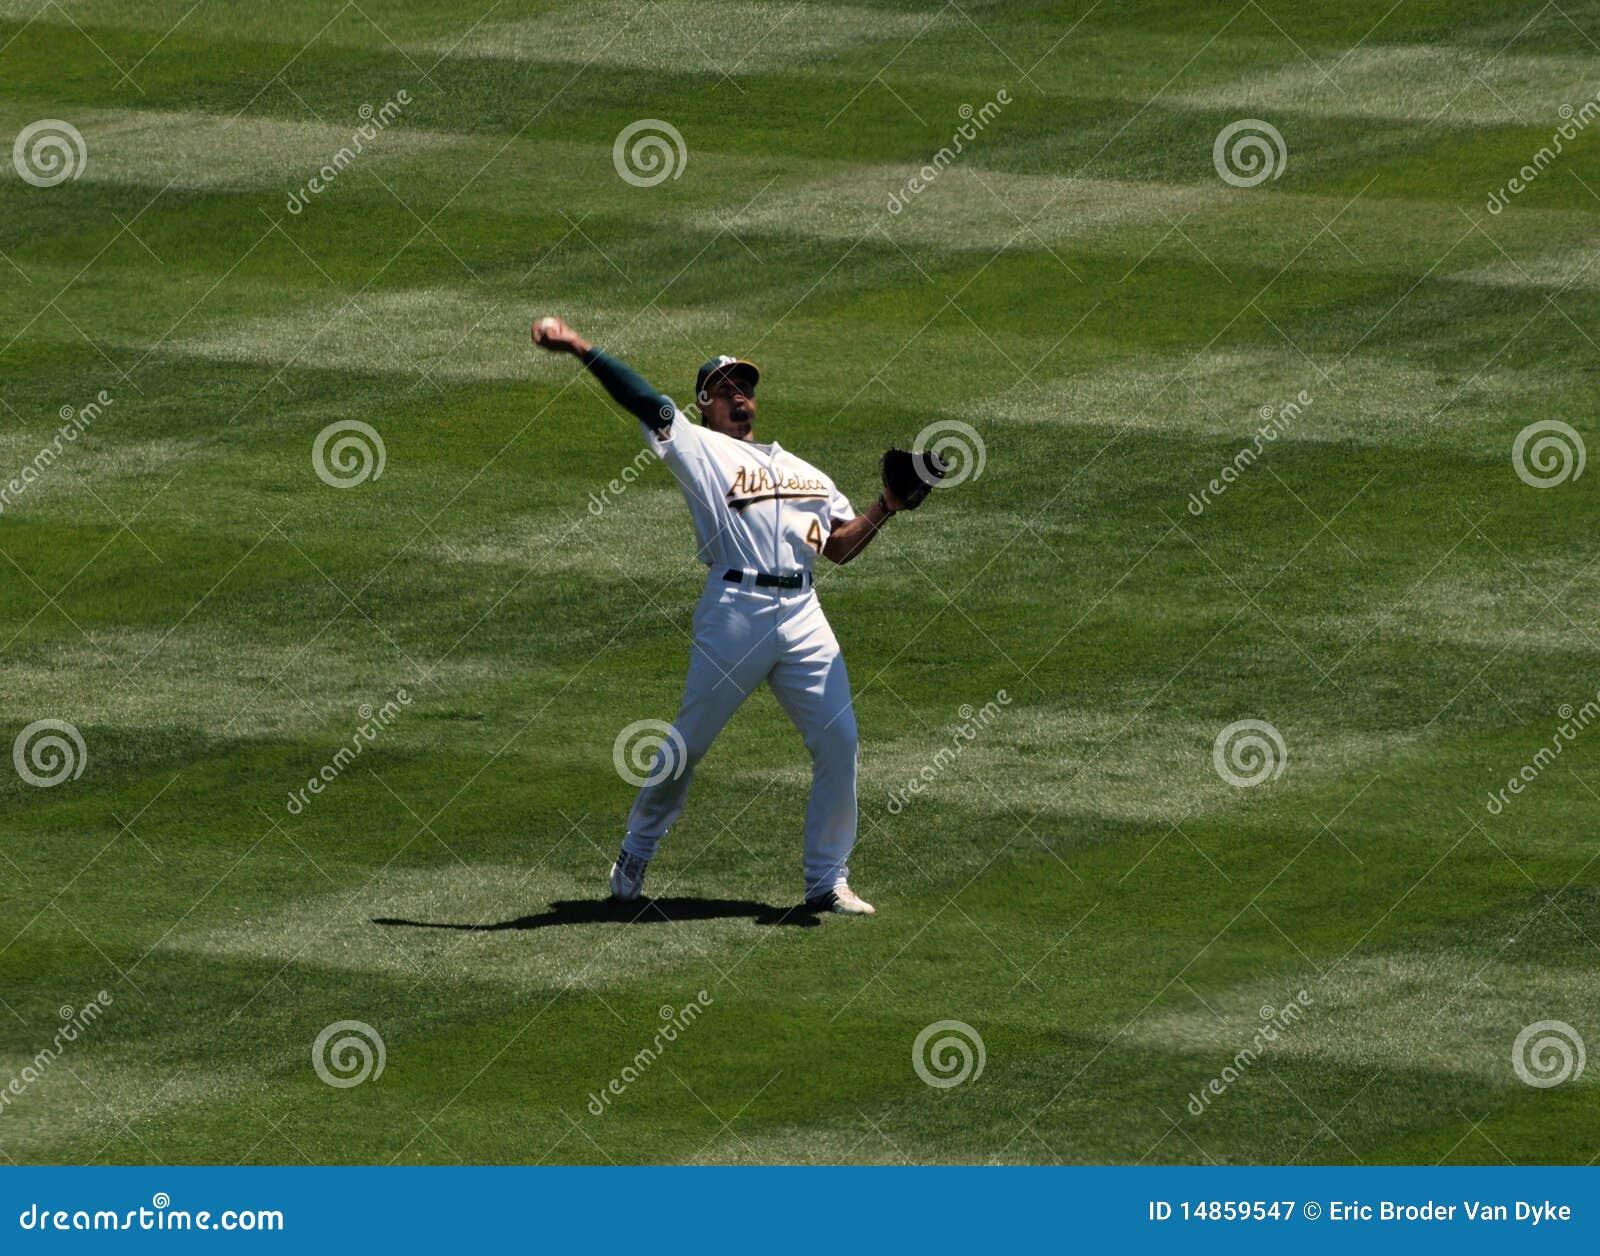 As Coco Crisp throws the ball